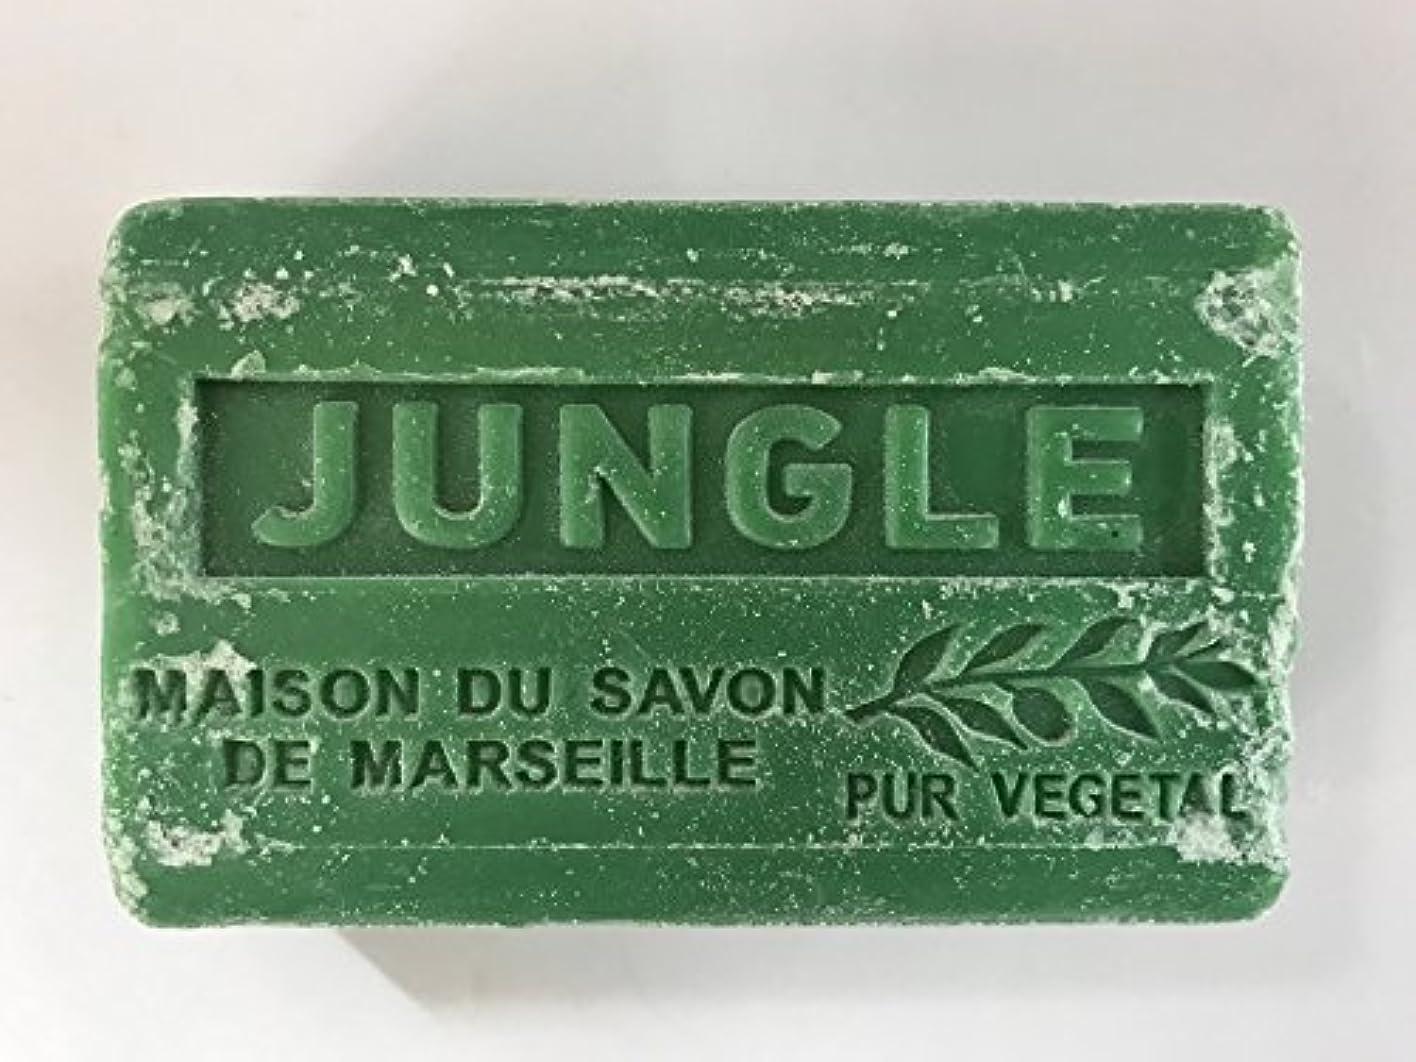 仕える恋人兄Savon de Marseille Soap Jungle Shea Butter 125g